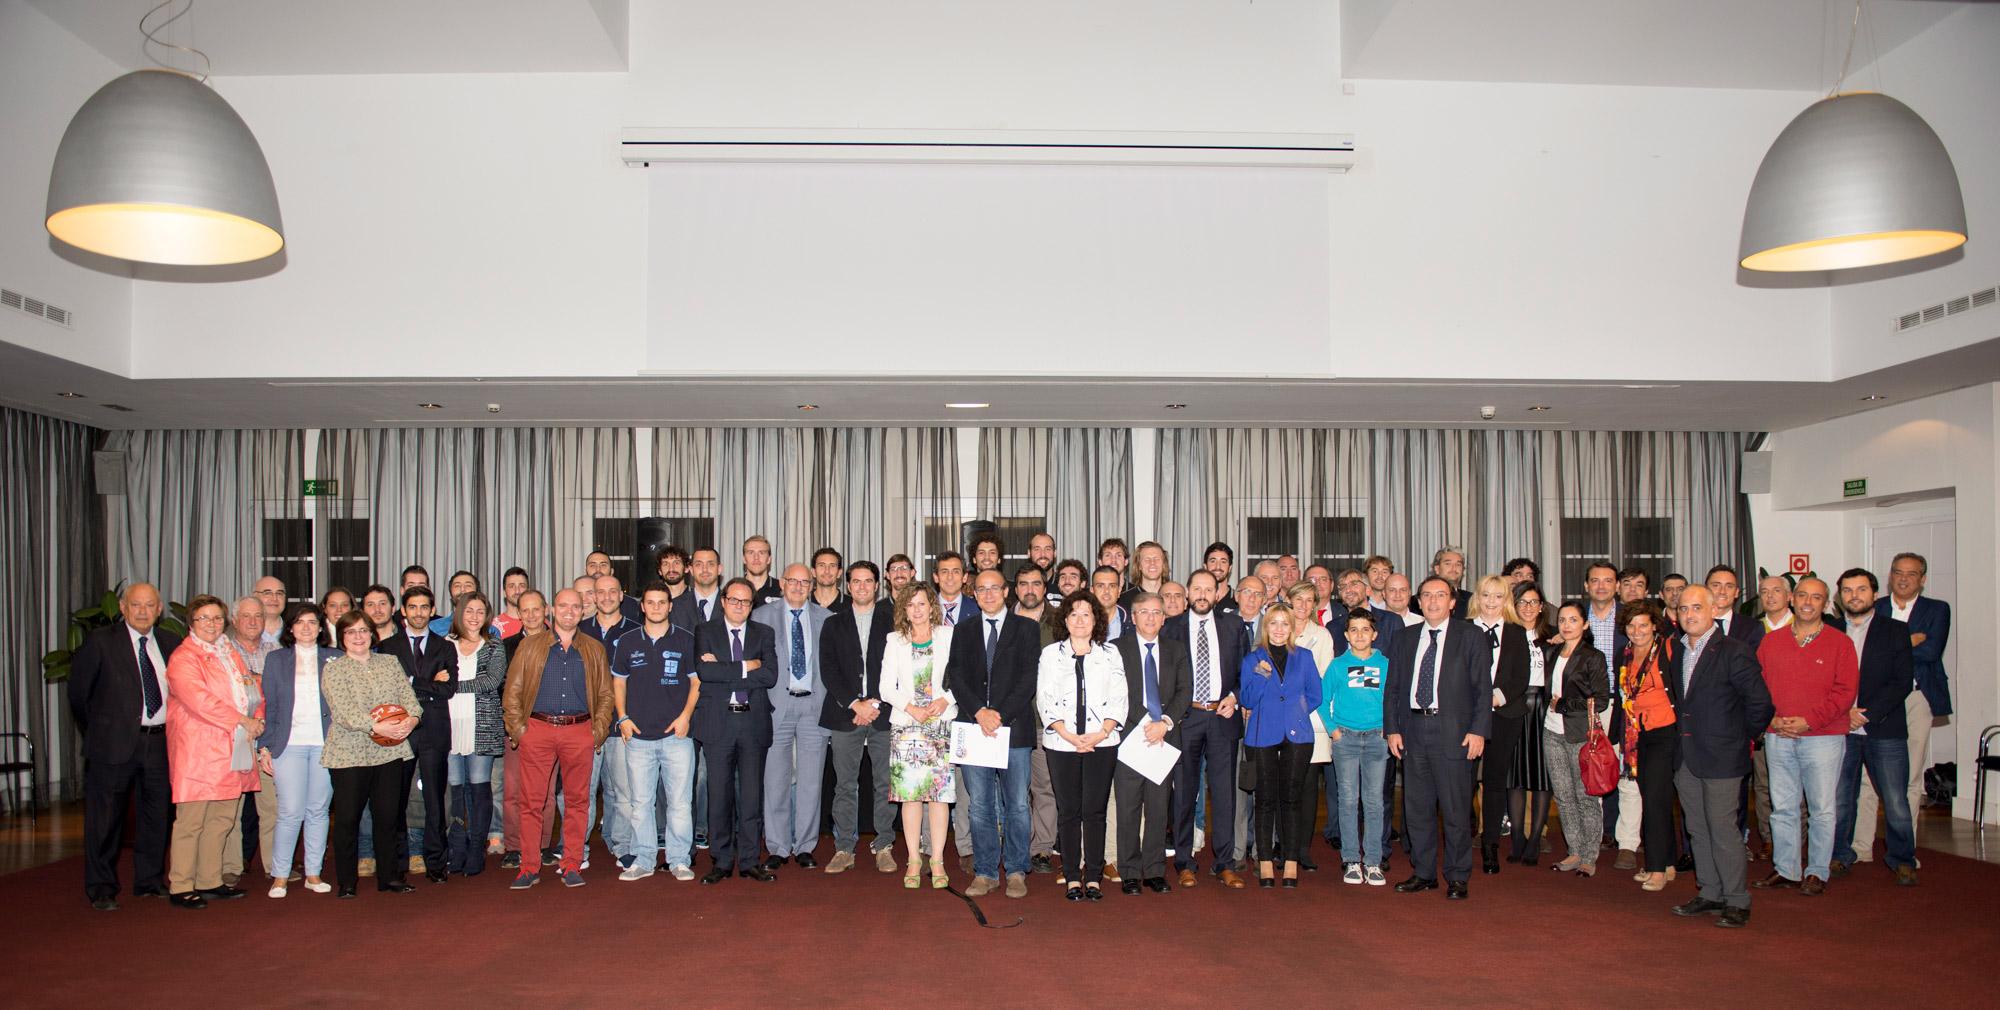 Presentación de la plantilla 2015-2016 al Club de Empresas en Las Caldas Villa Termal